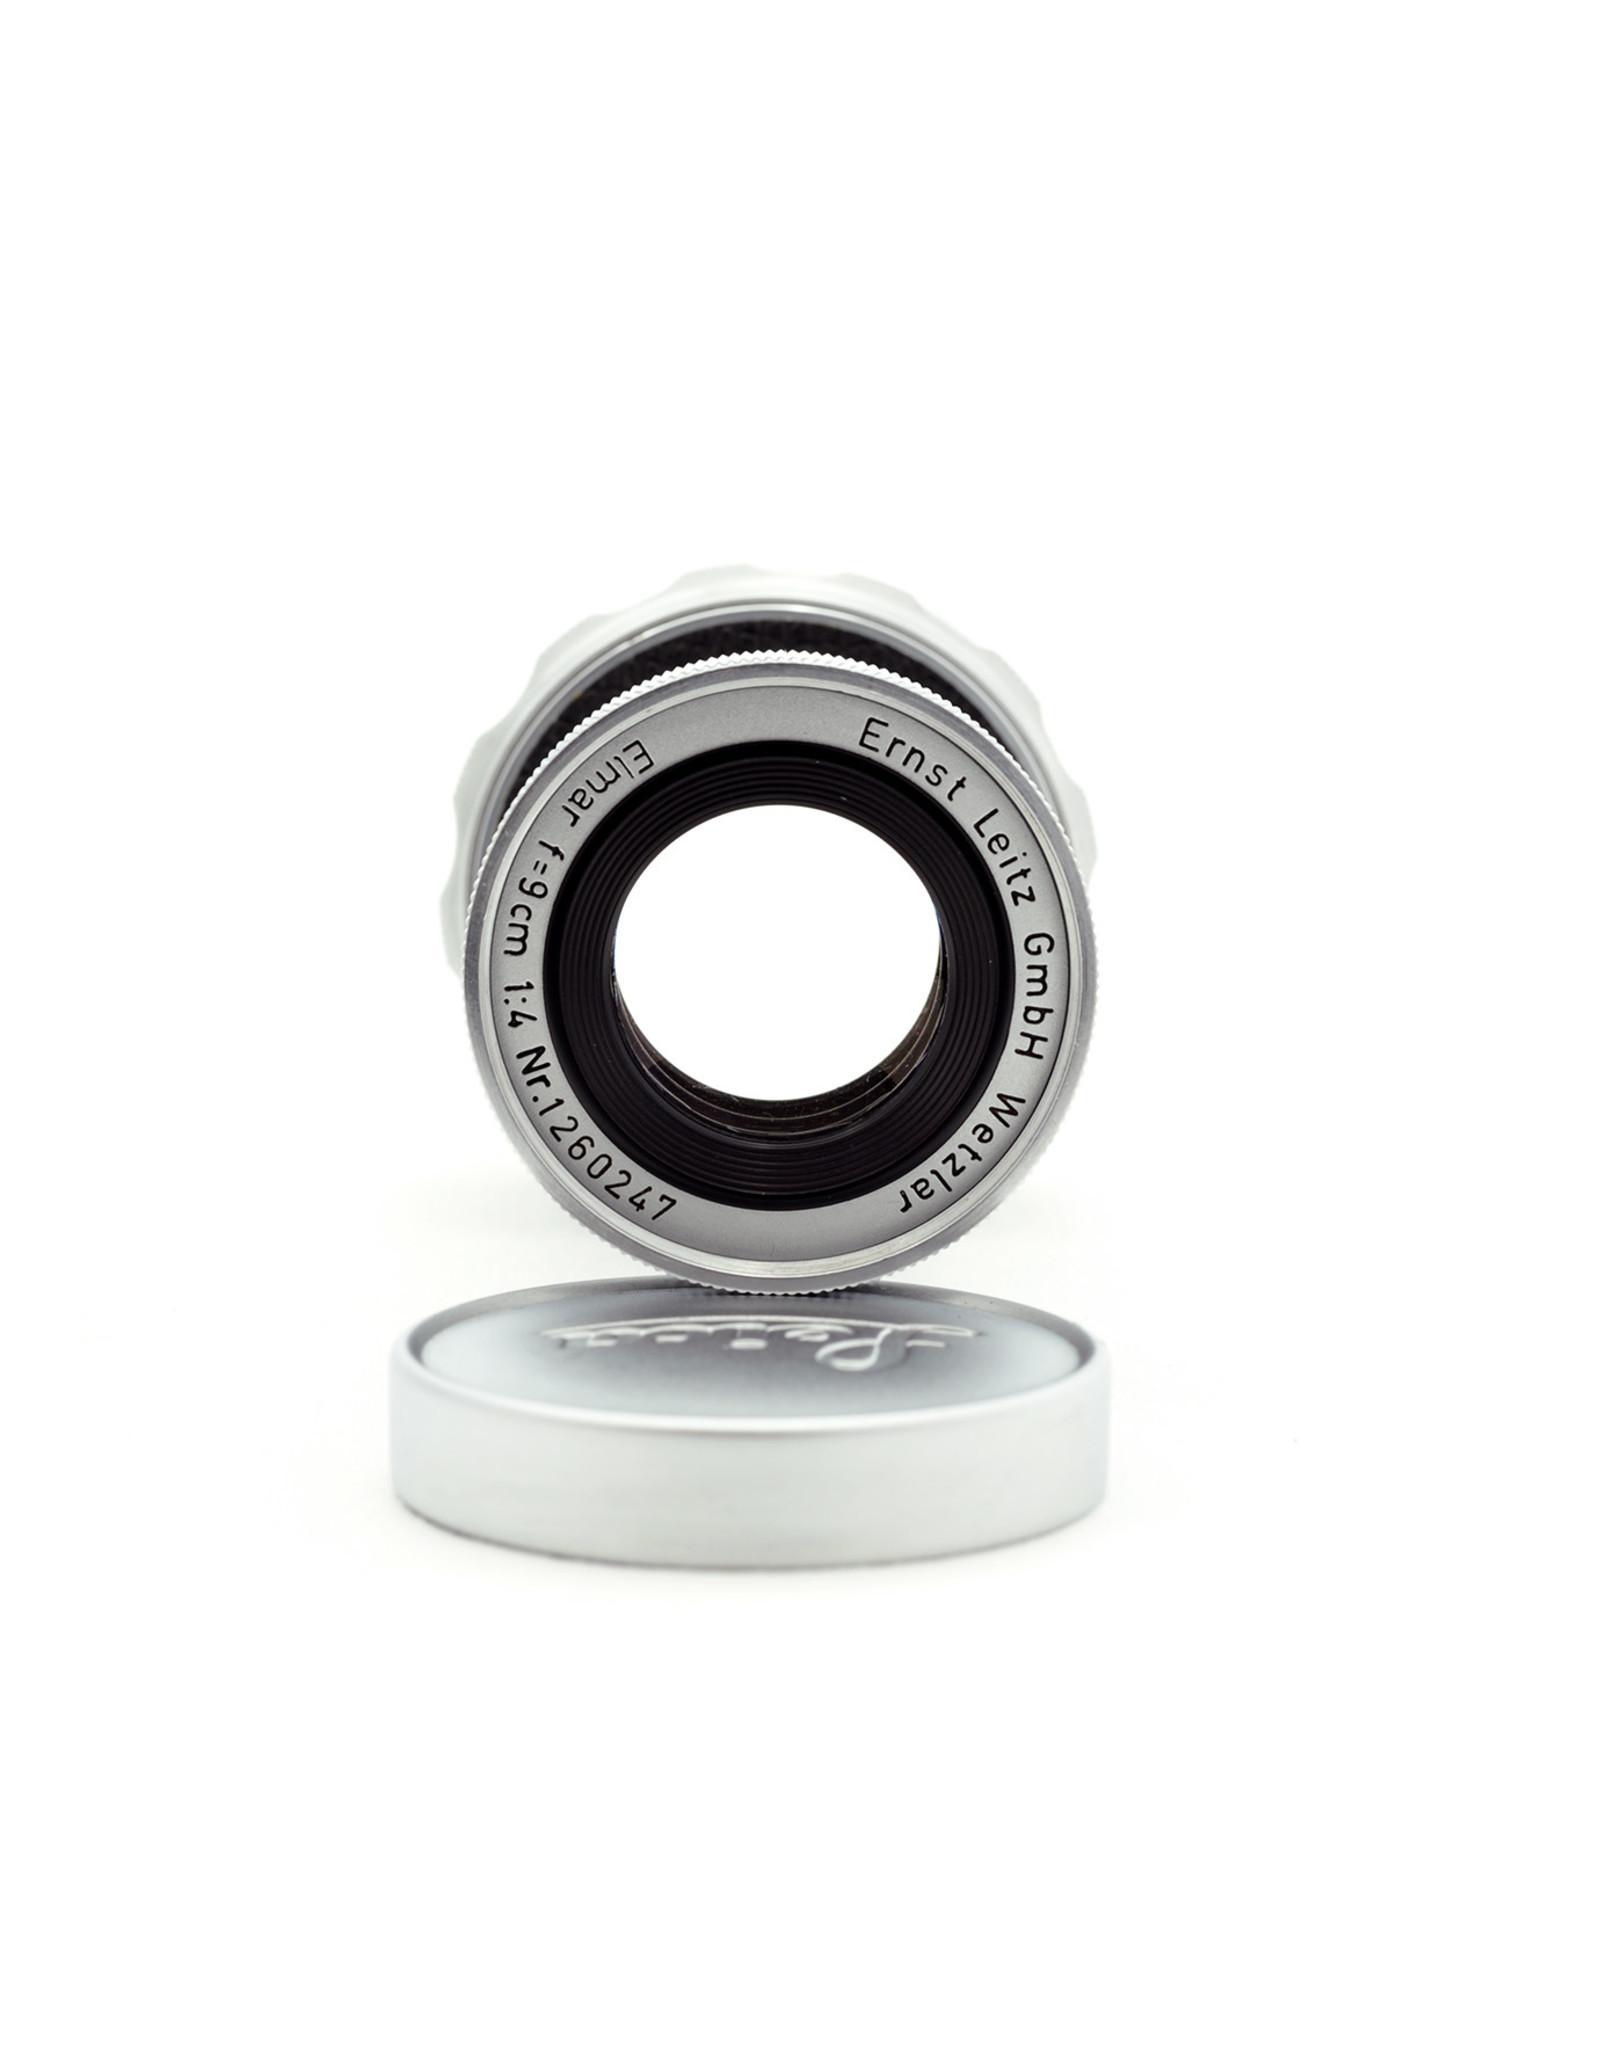 Leica Leica 9cm f4 Elmar Collapsible   AP2100113